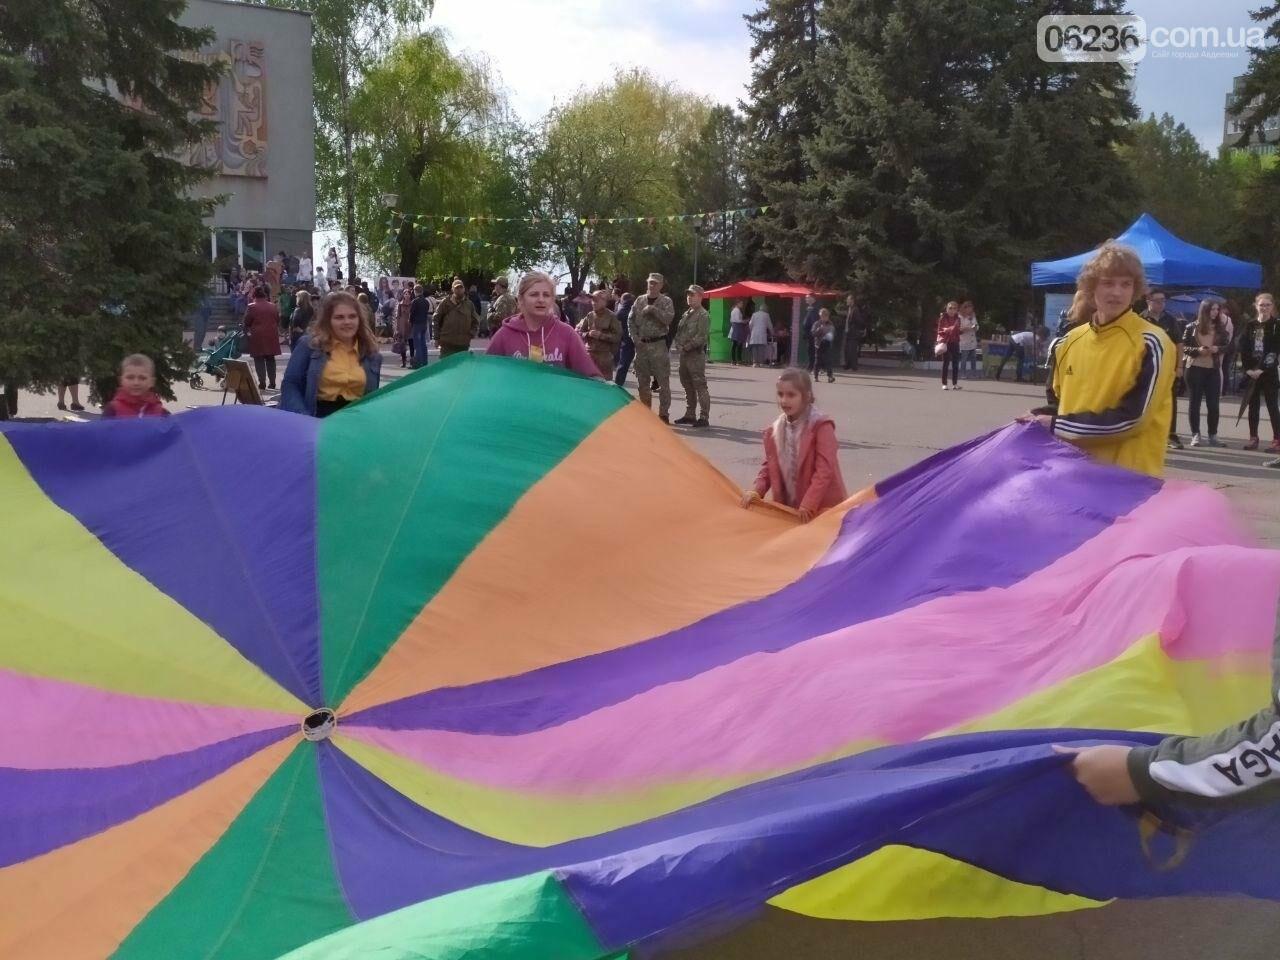 ФОТОРЕПОРТАЖ. Яркие моменты фестиваля искусств в Авдеевке, фото-28